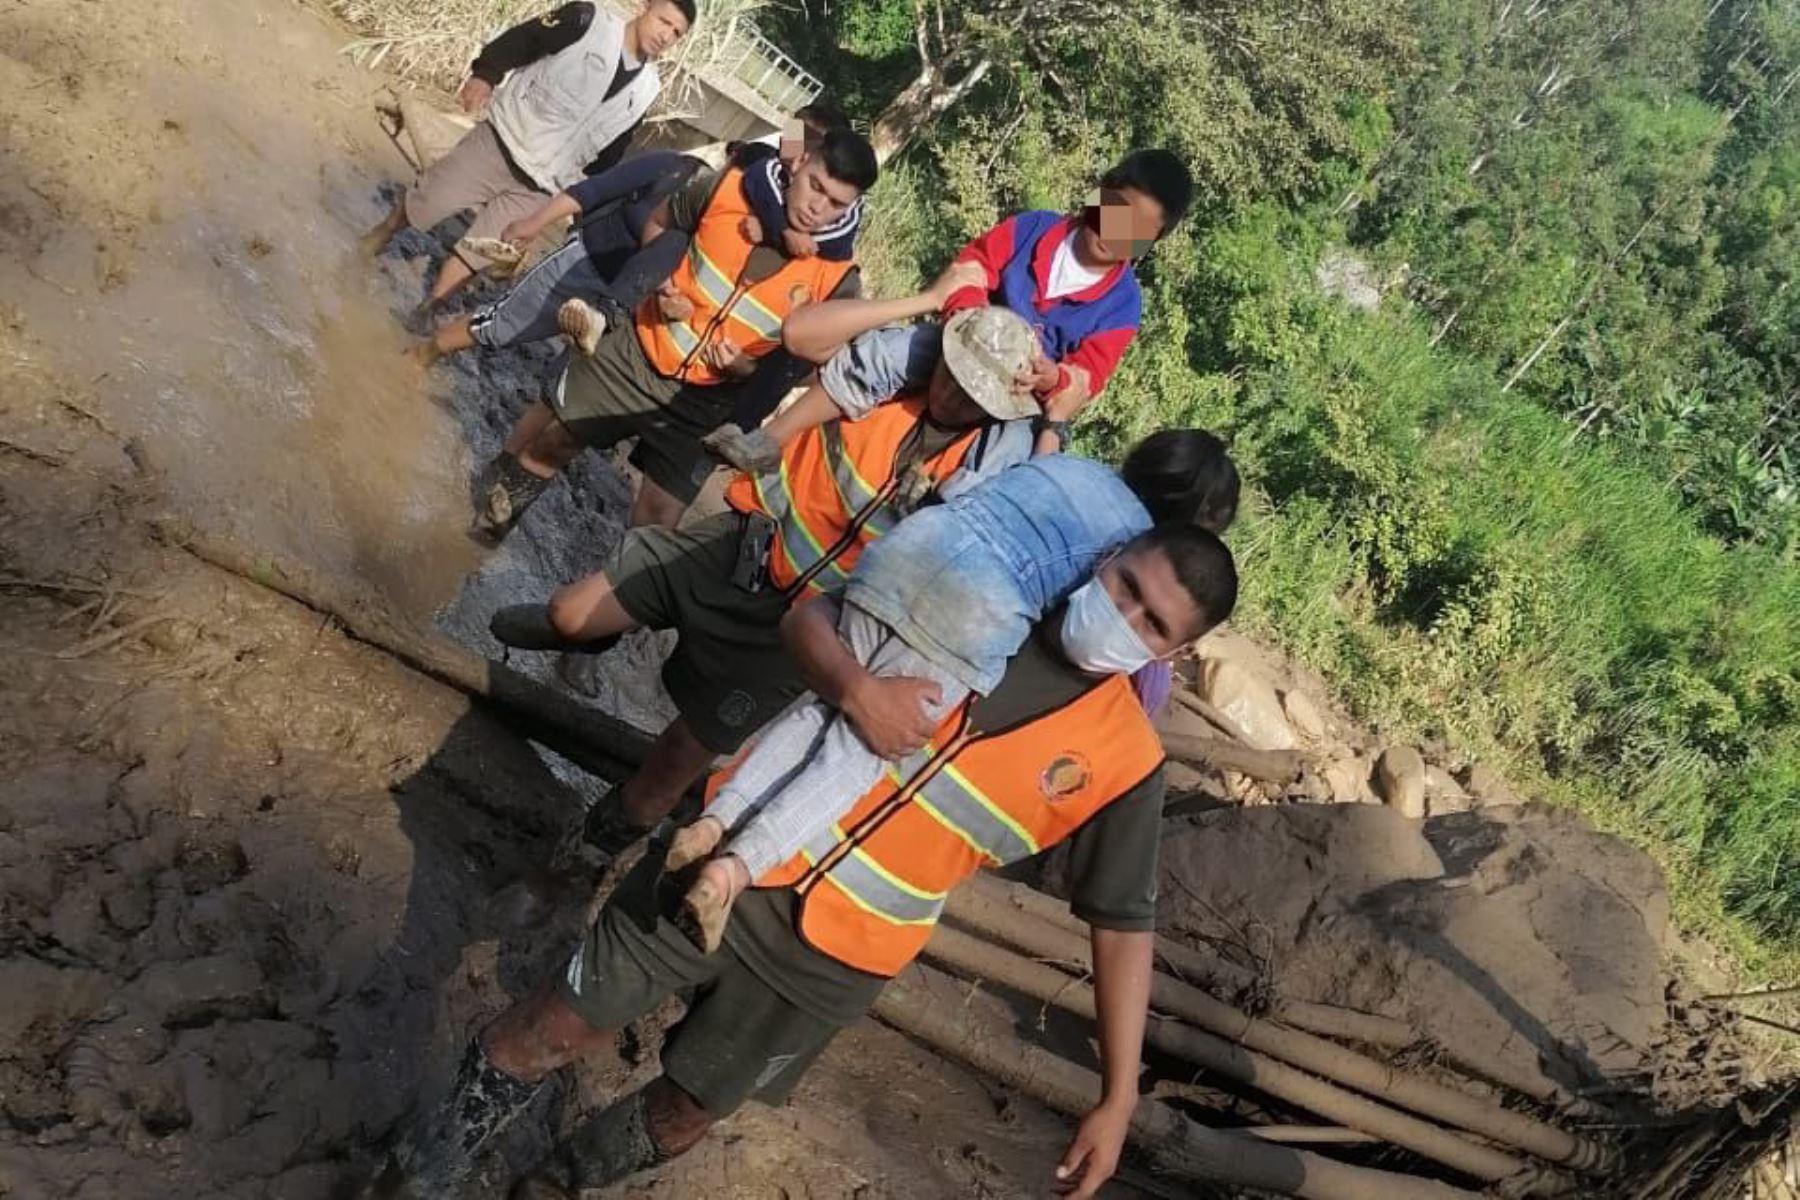 Sanos y salvos se encuentran los siete niños que fueron reportados como desaparecidos ayer en el distrito de Canchaque, en Piura, luego del aluvión que afectó a diversos poblados.